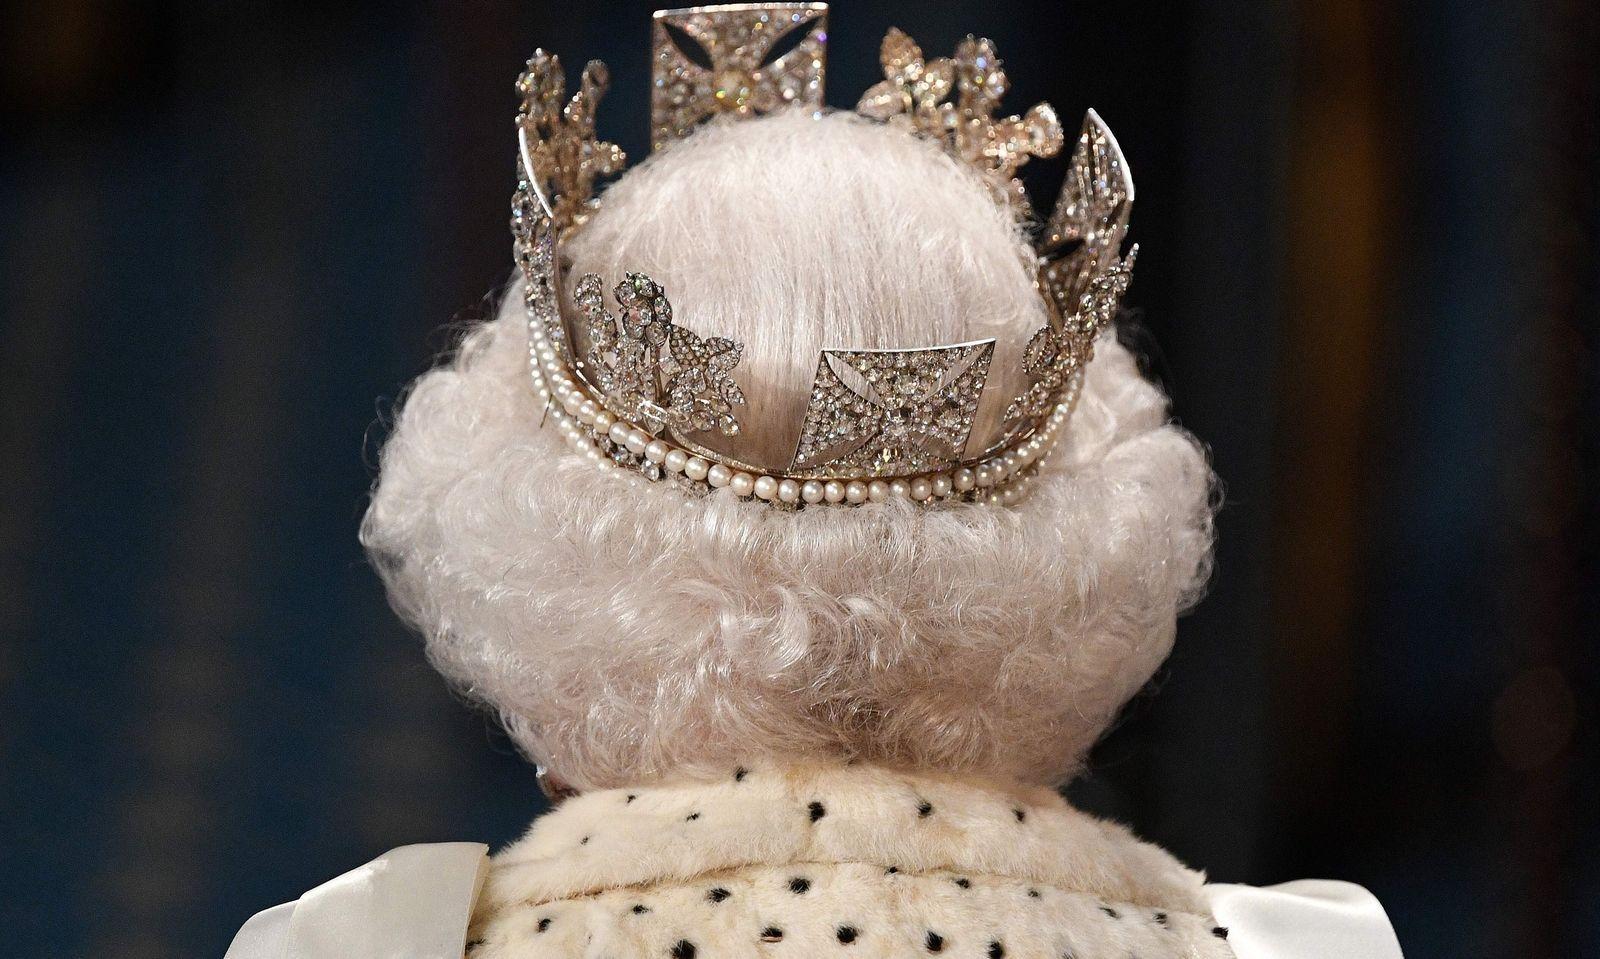 Queen ohne Krone: Von einem Traditionsbruch schreibt der britische Boulevard. Vielleicht war sie einfach zu schwer: Queen Elizabeth II. trug bei der Parlamentseröffnung ein Diadem, das 1820 für George IV. gefertigt worden war - und nicht die üppig geschmückte Königskrone. Die ''Imperial Crown'' wurde auf einem Tischchen platziert. Sie wiegt ein Kilogramm.